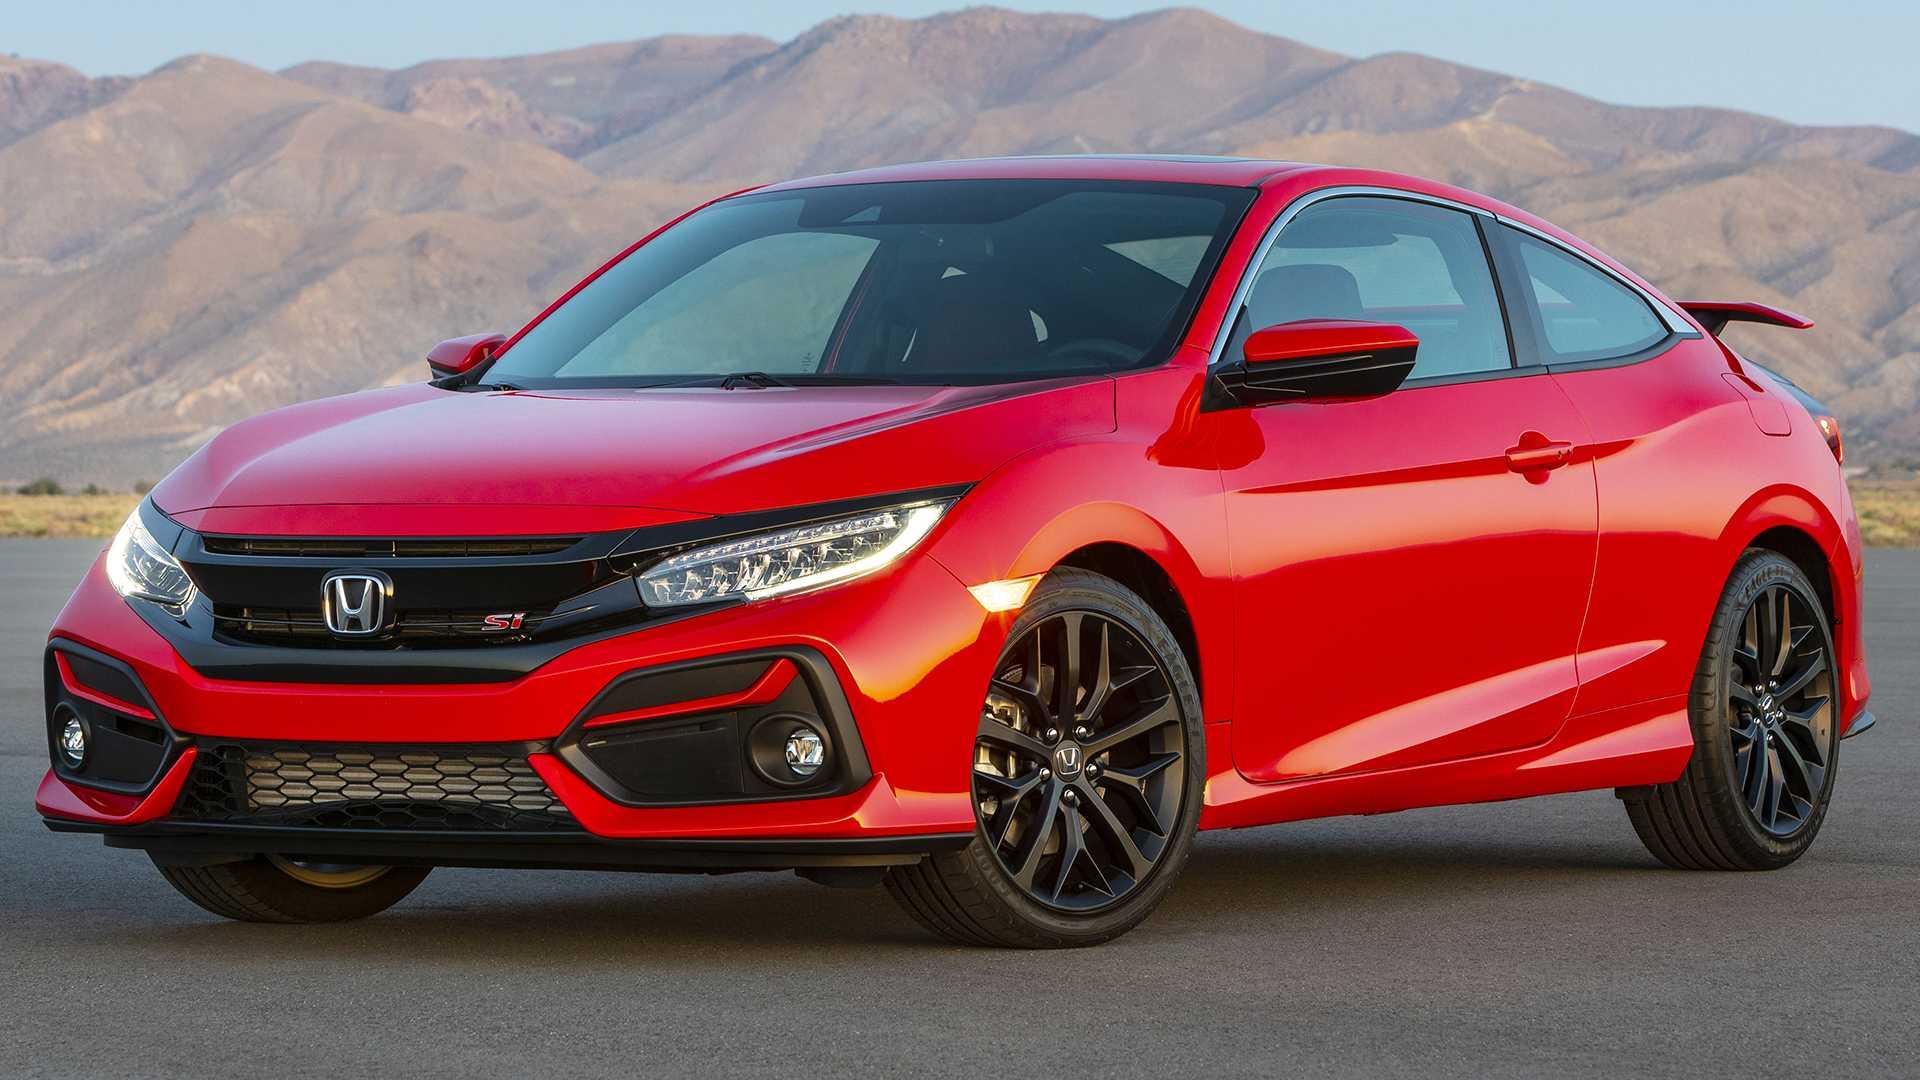 Khám phá Honda Civic Si 2020 phiên bản thể thao - 01